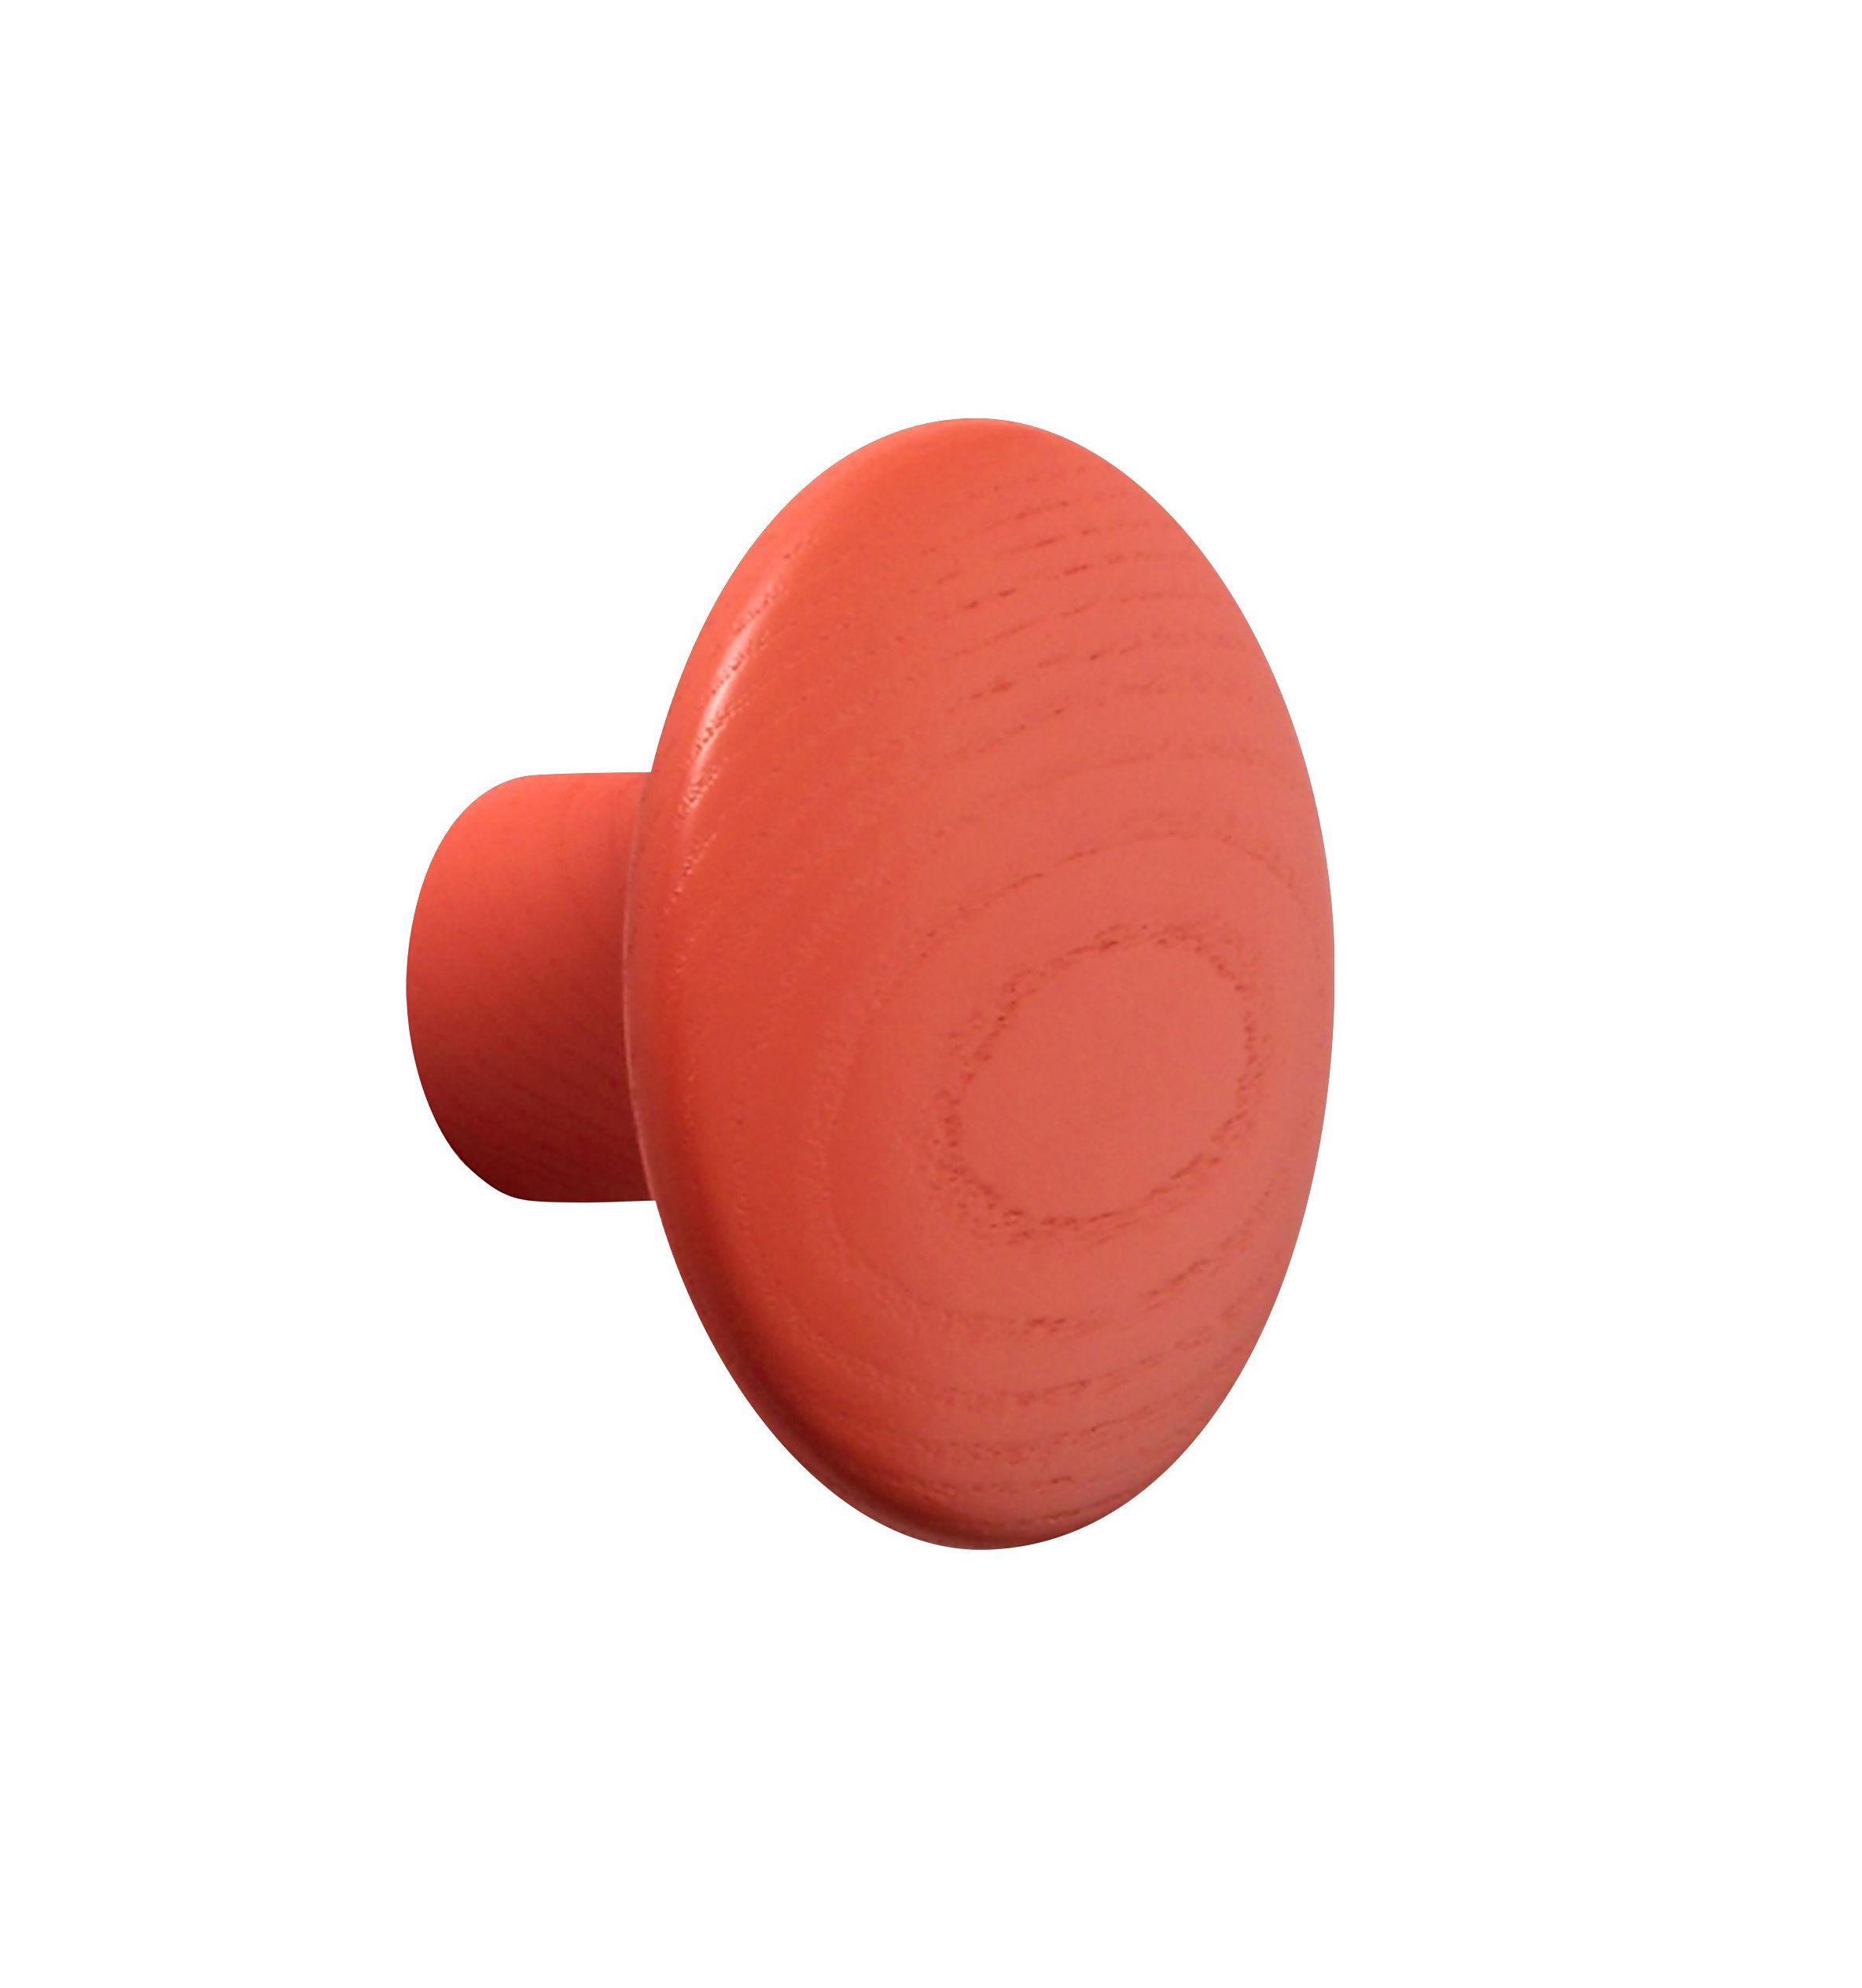 Mobilier - Portemanteaux, patères & portants - Patère The Dots / Small - Ø 9 cm - Muuto - Mandarine - Frêne teinté